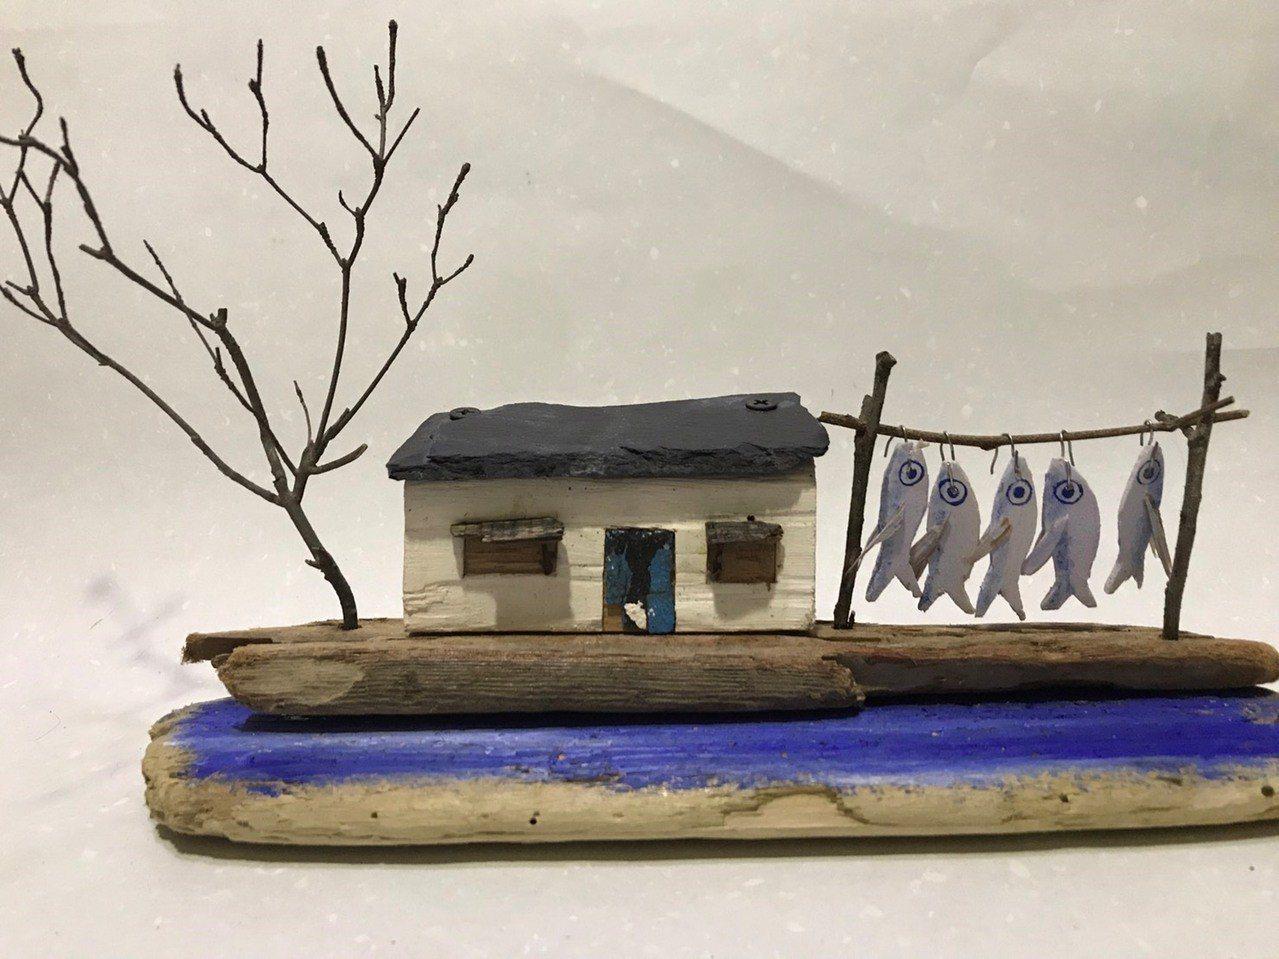 漂流木藝術創作人陳盈如將漂流木打造成海洋生物、小漁村等系列作品,療癒指數滿點。圖...